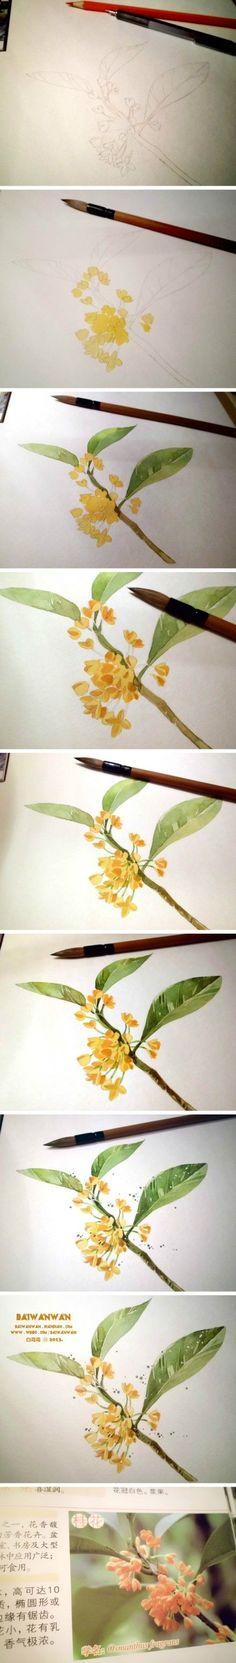 Работа с цветом, акварель